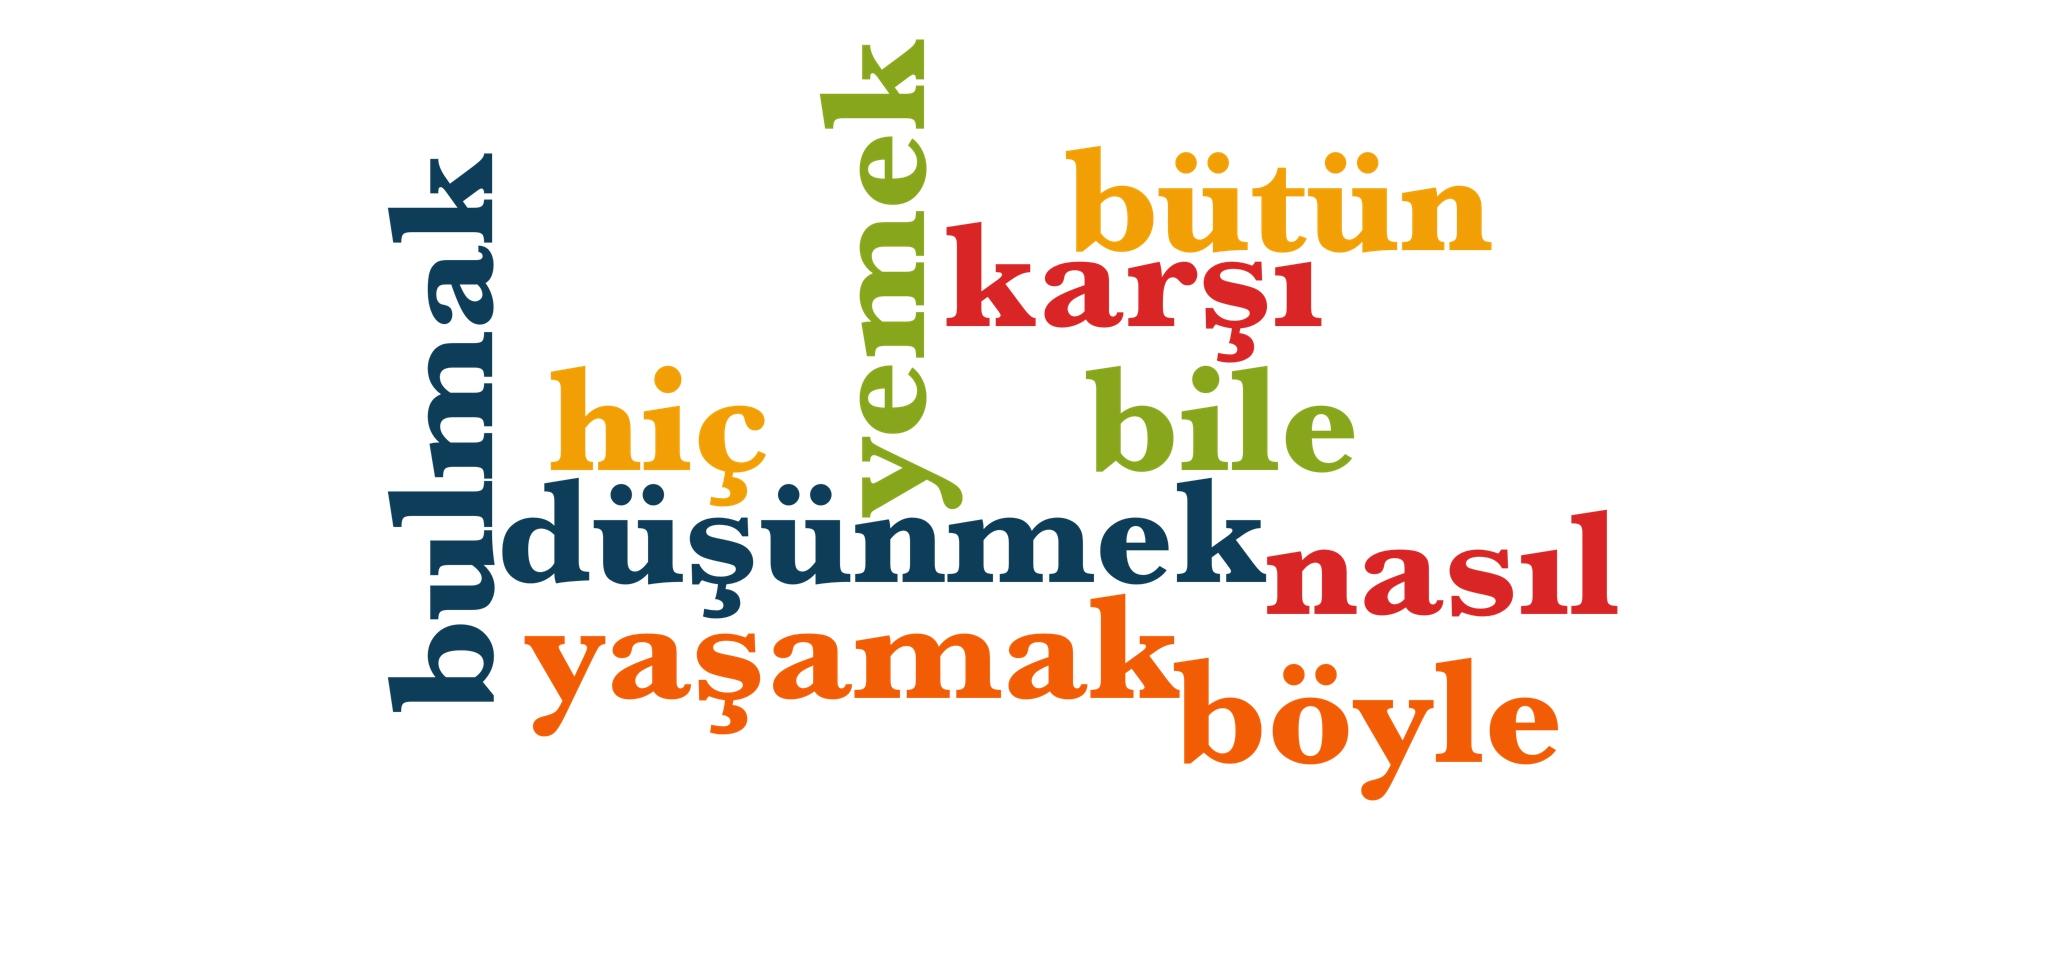 Wörter 81 bis 90 der 1000 häufigsten Wörter der türkischen Sprache